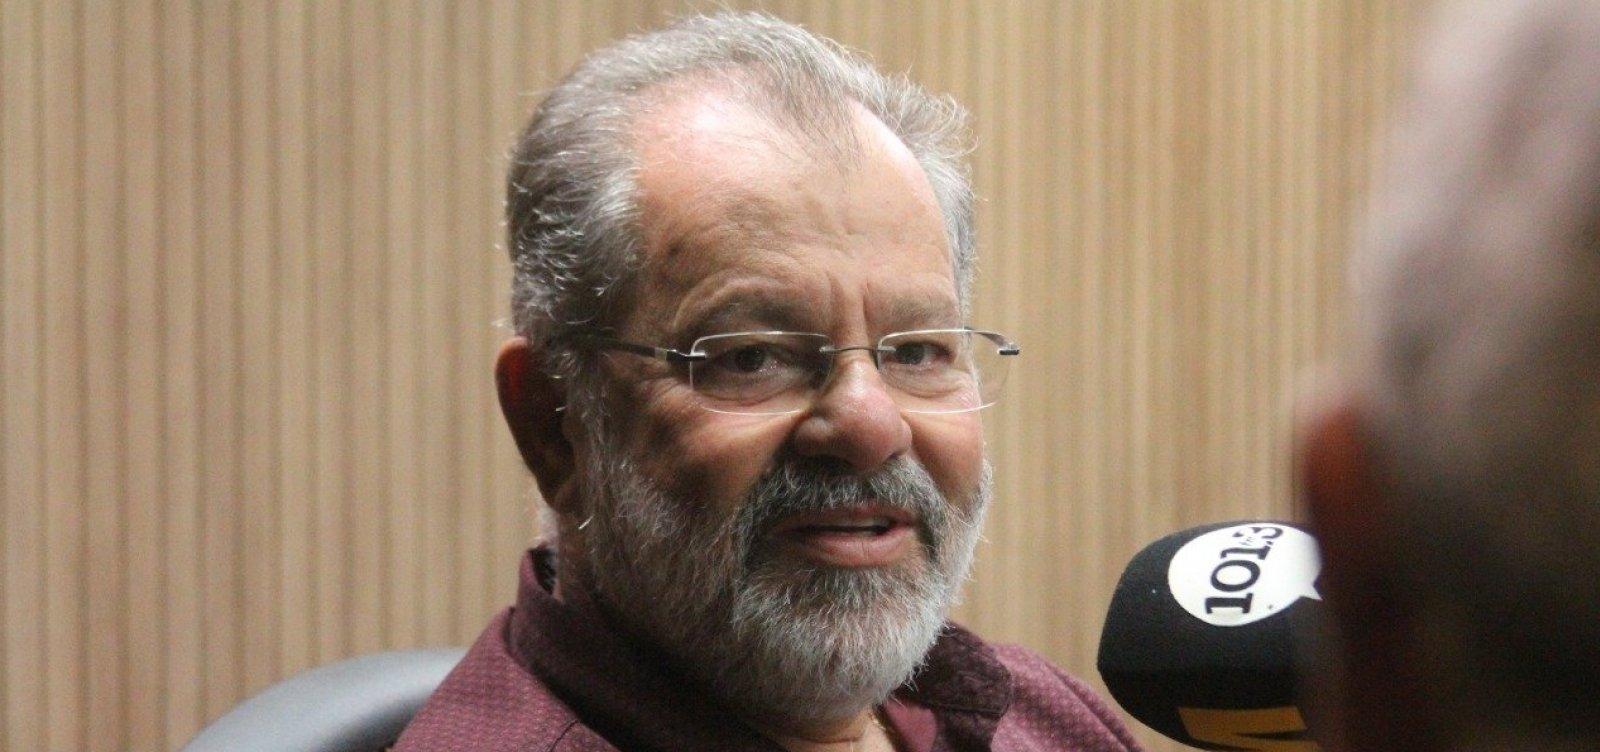 [Nilo critica Bolsonaro, mas diz ser contra processo de impeachment: 'Economia vai lá para baixo']